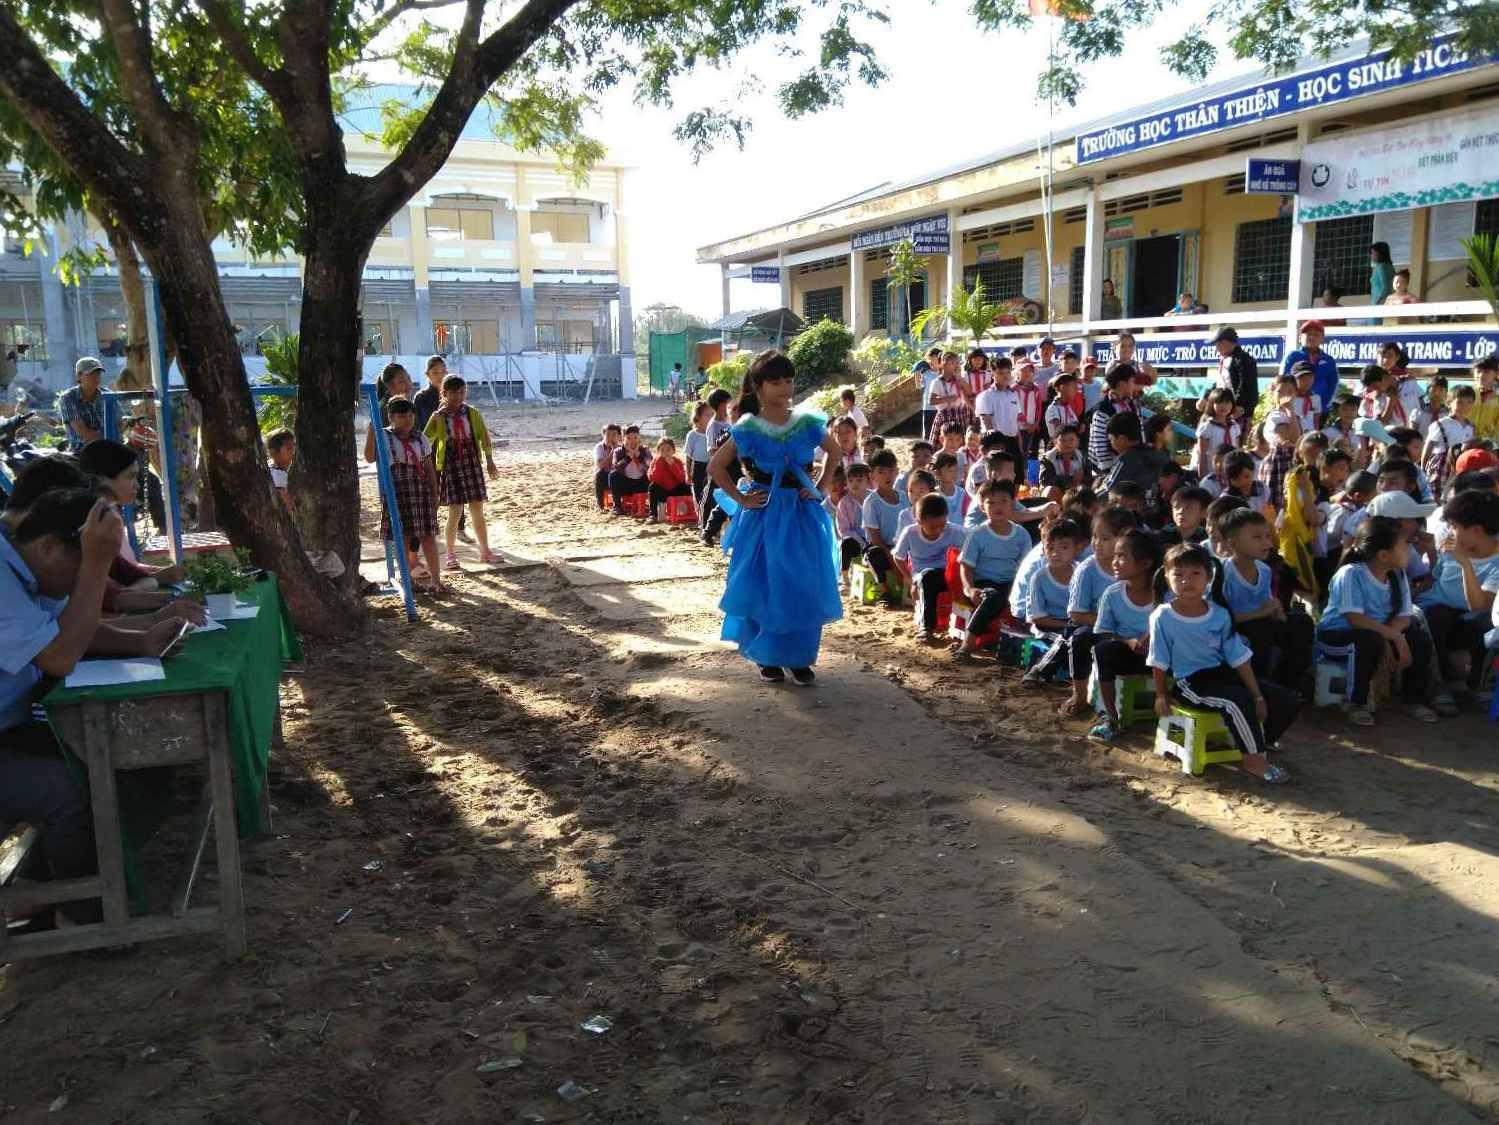 Học sinh lớp 5/2 biểu diễn với trang ohục làm từ Nilong trong rẩt đẹp.